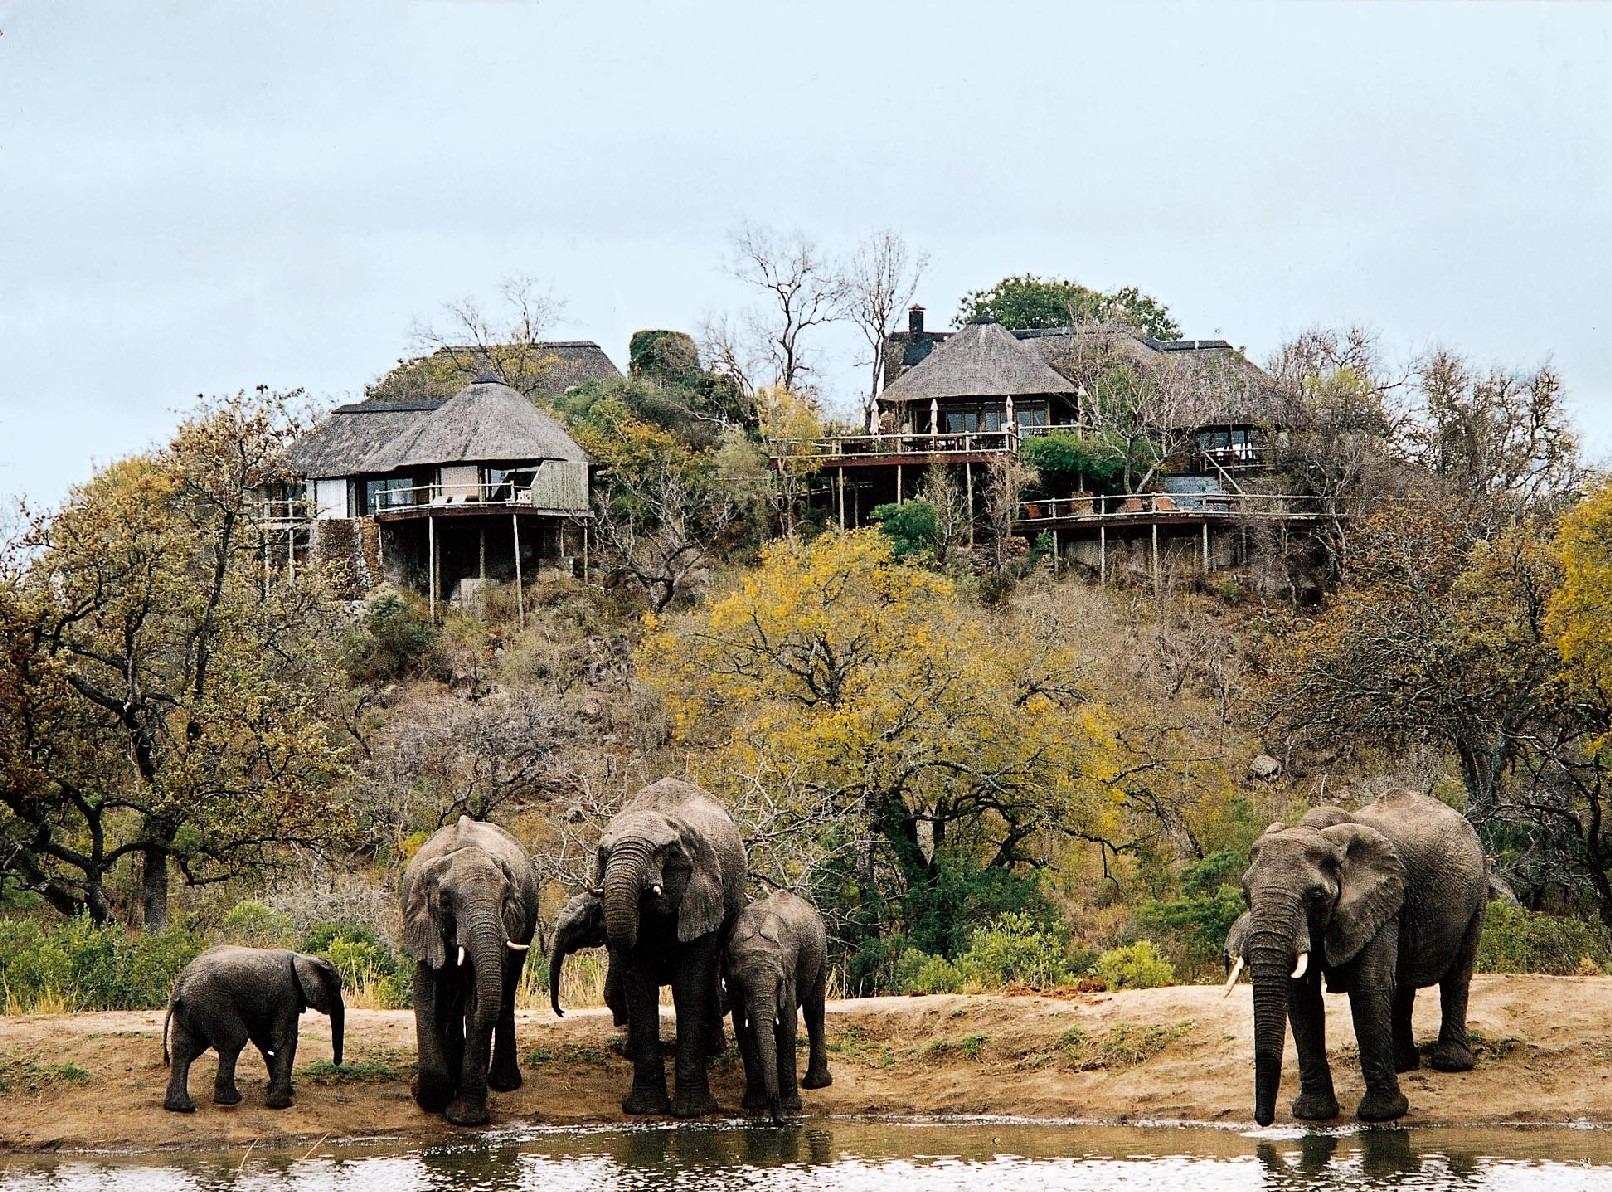 Elephants at Leopard Hills lodge waterhole